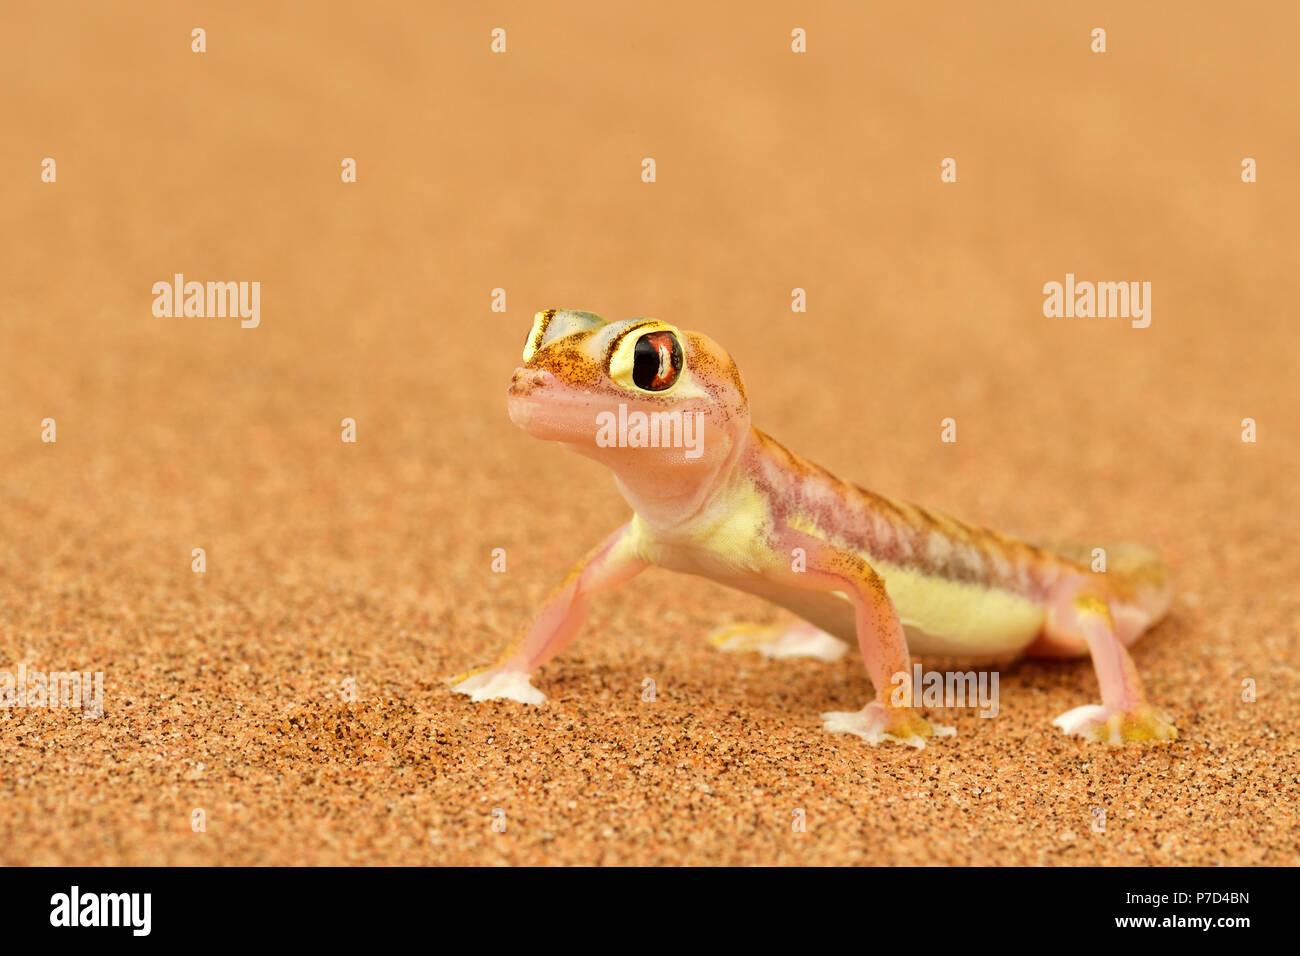 Palmato gecko, Namib desert near Swakopmund, Namibia Stock Photo